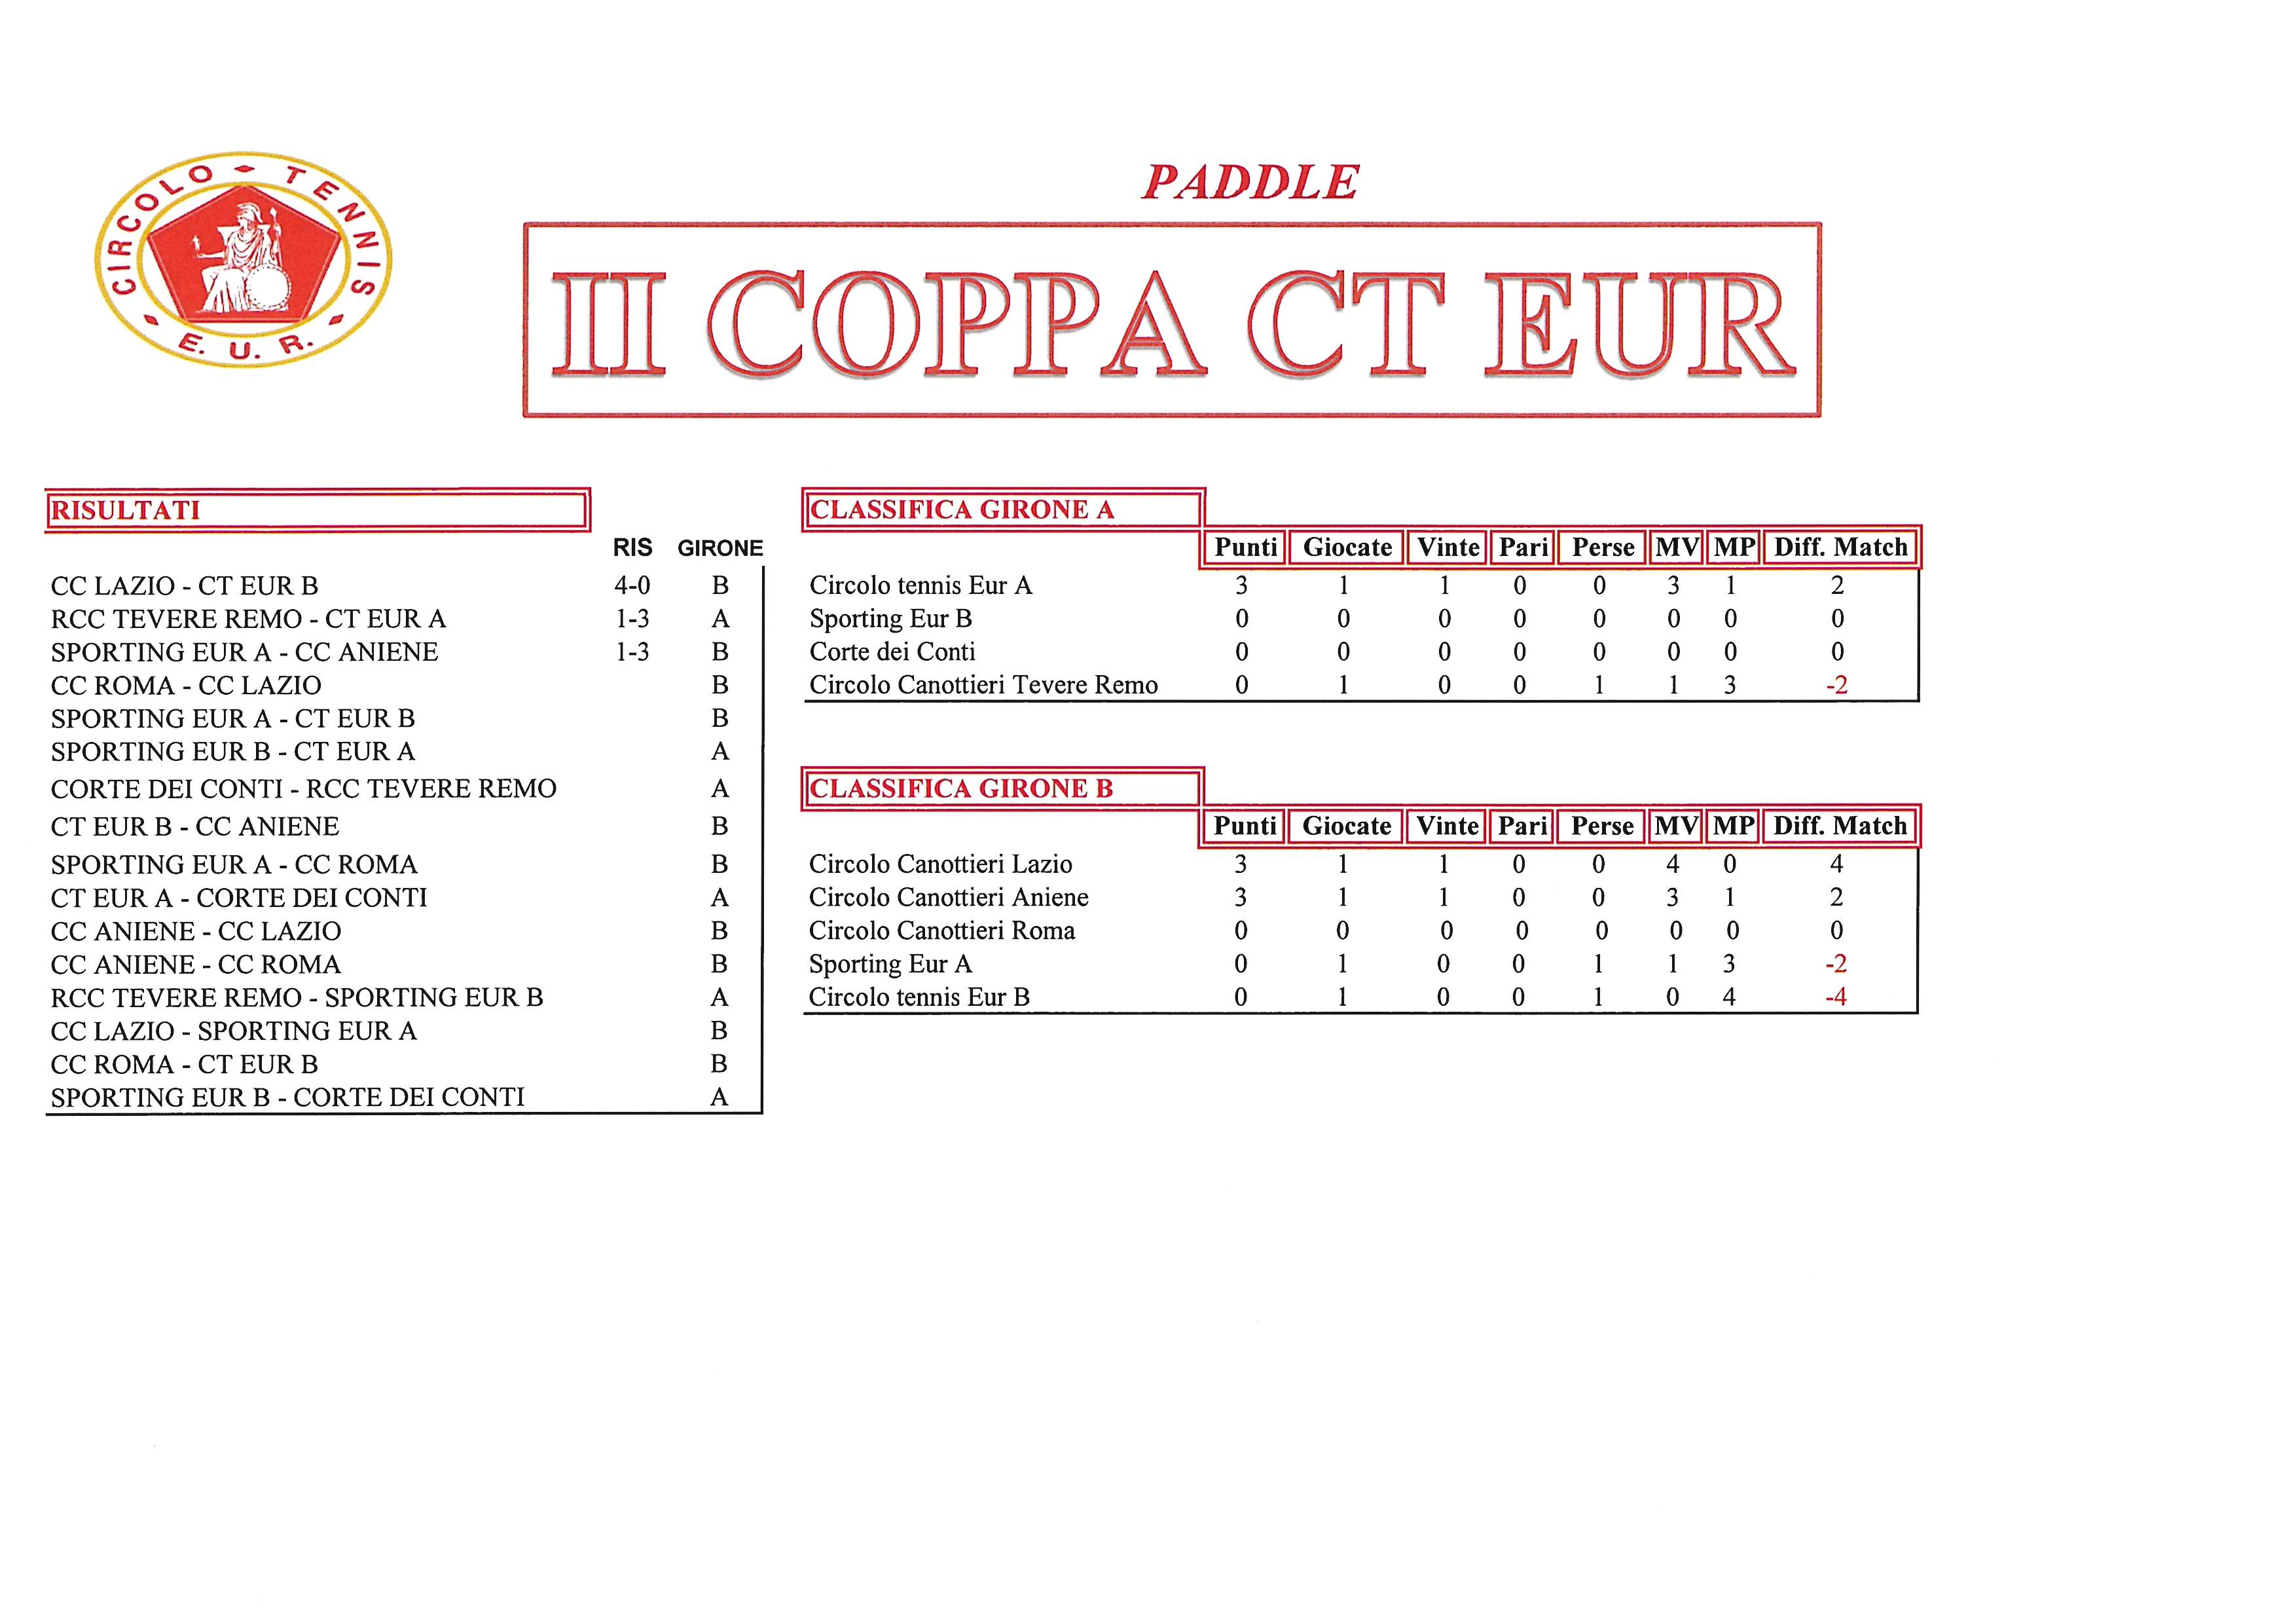 Coppa-CT-Eur-risultati-del-22-settembre2017-Paddle